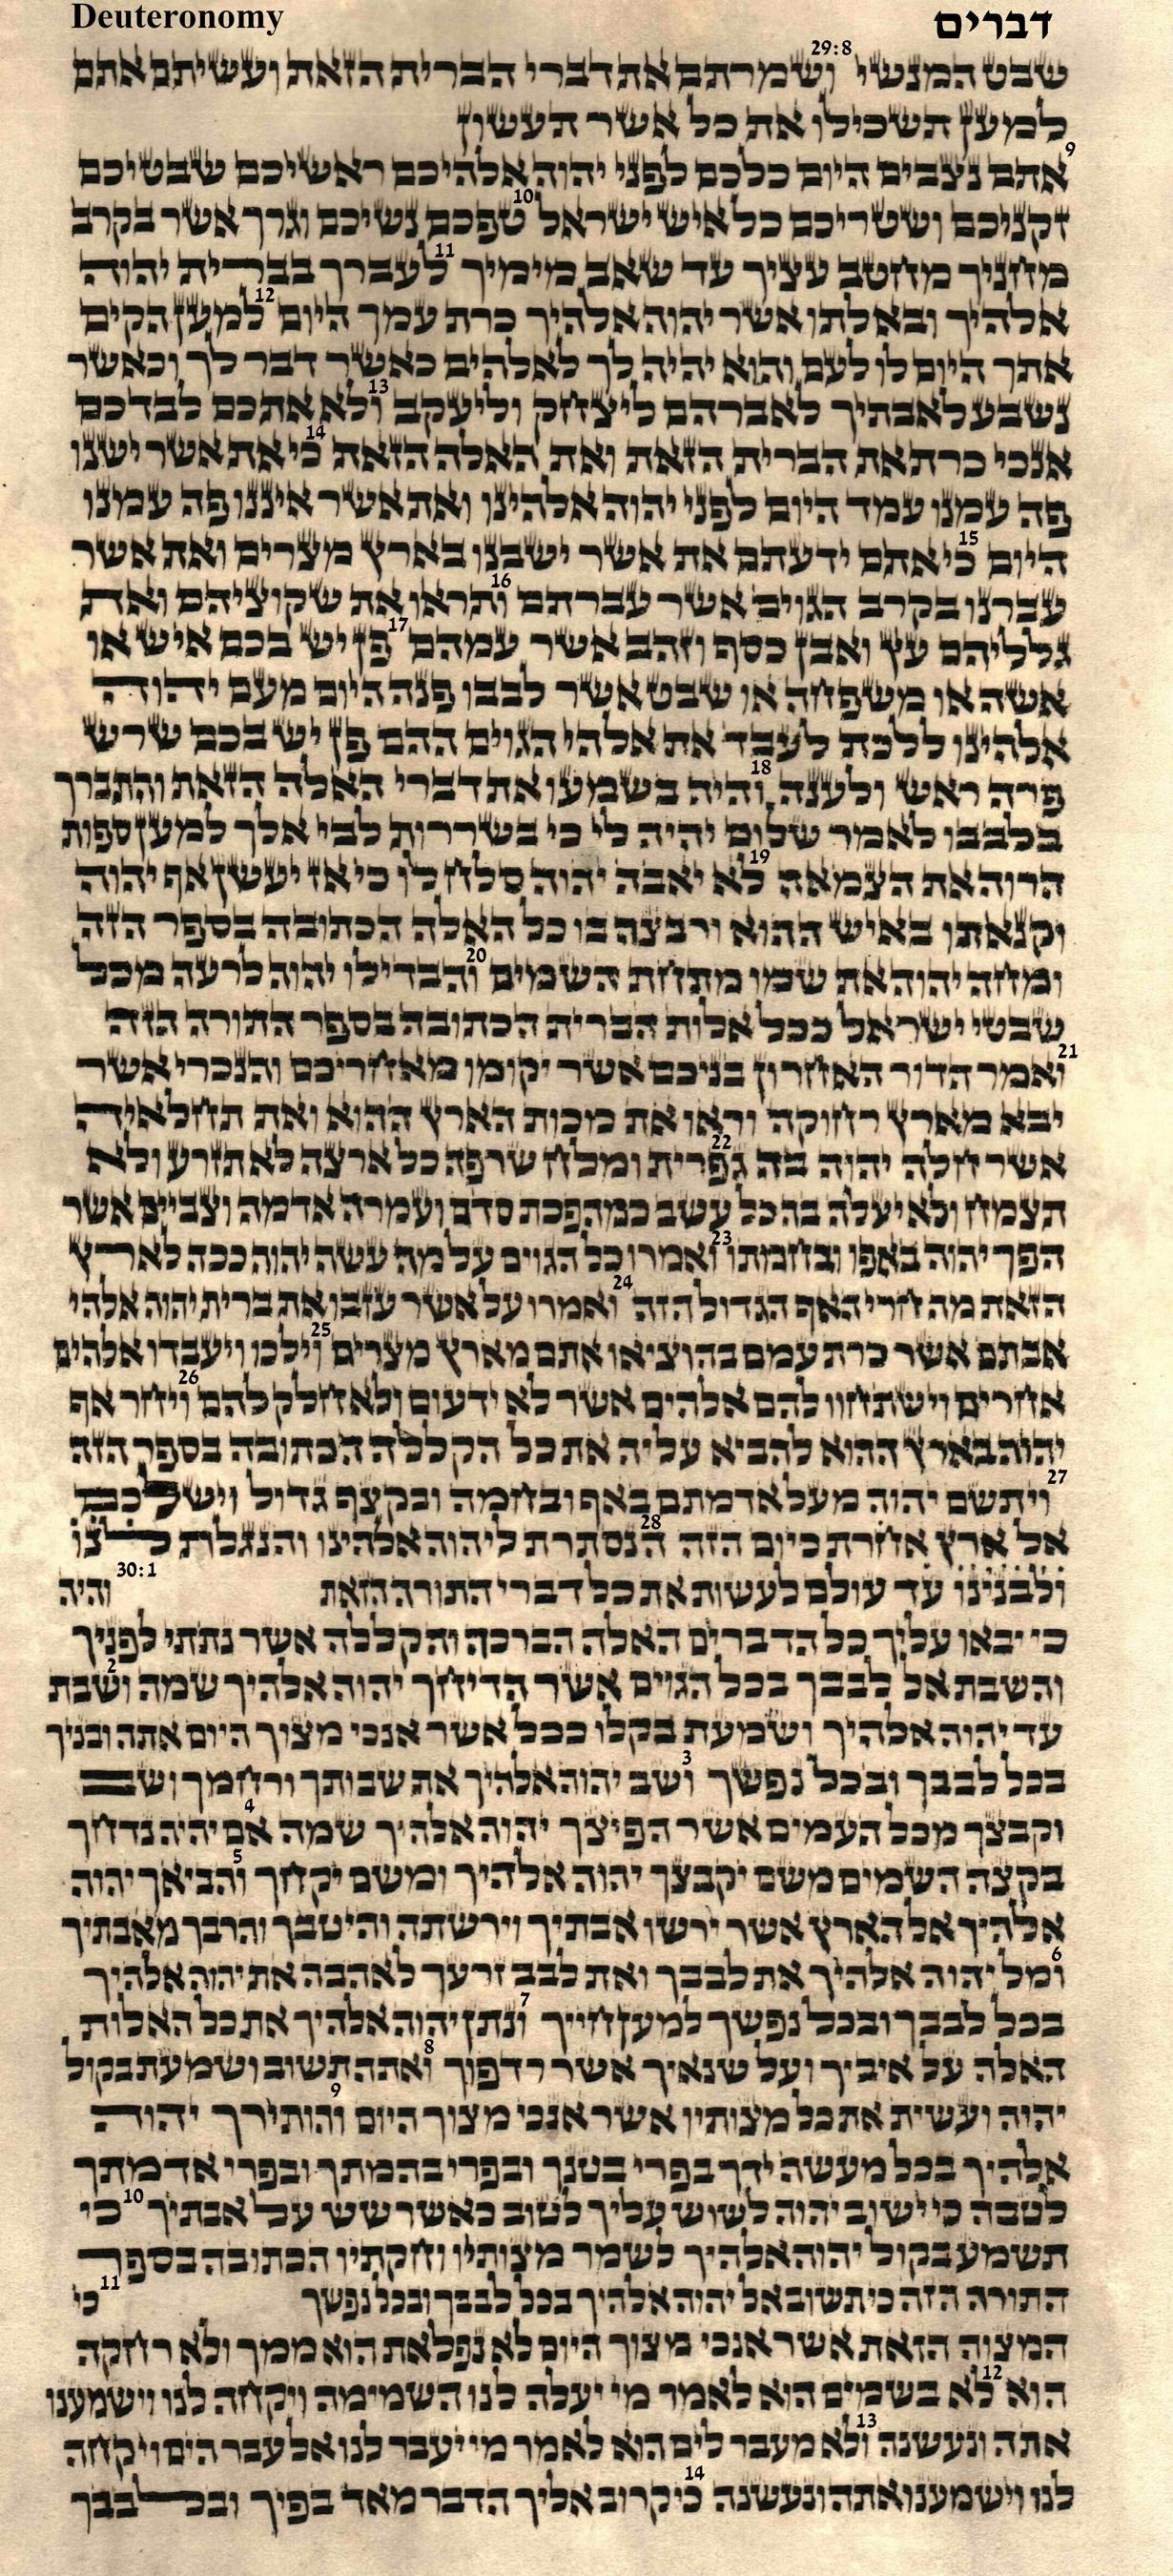 Deuteronomy 29.8 - 30.14